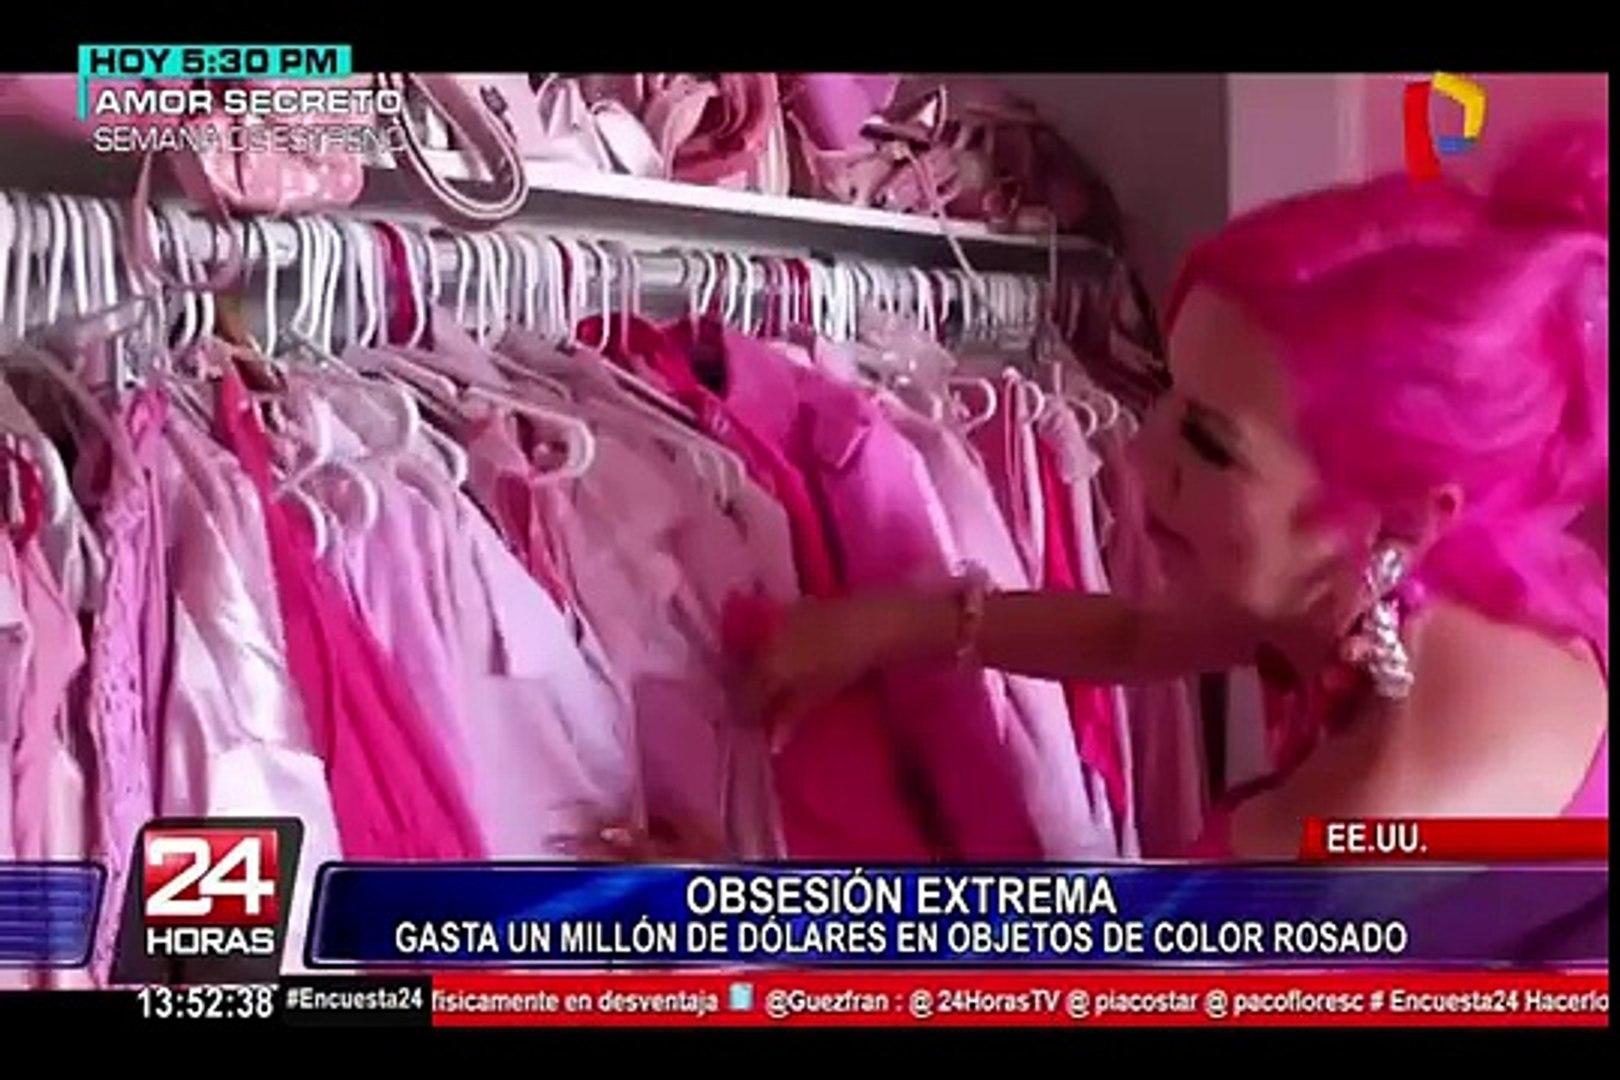 Insólito: mujer gasta fortuna para ser la persona más rosada del mundo